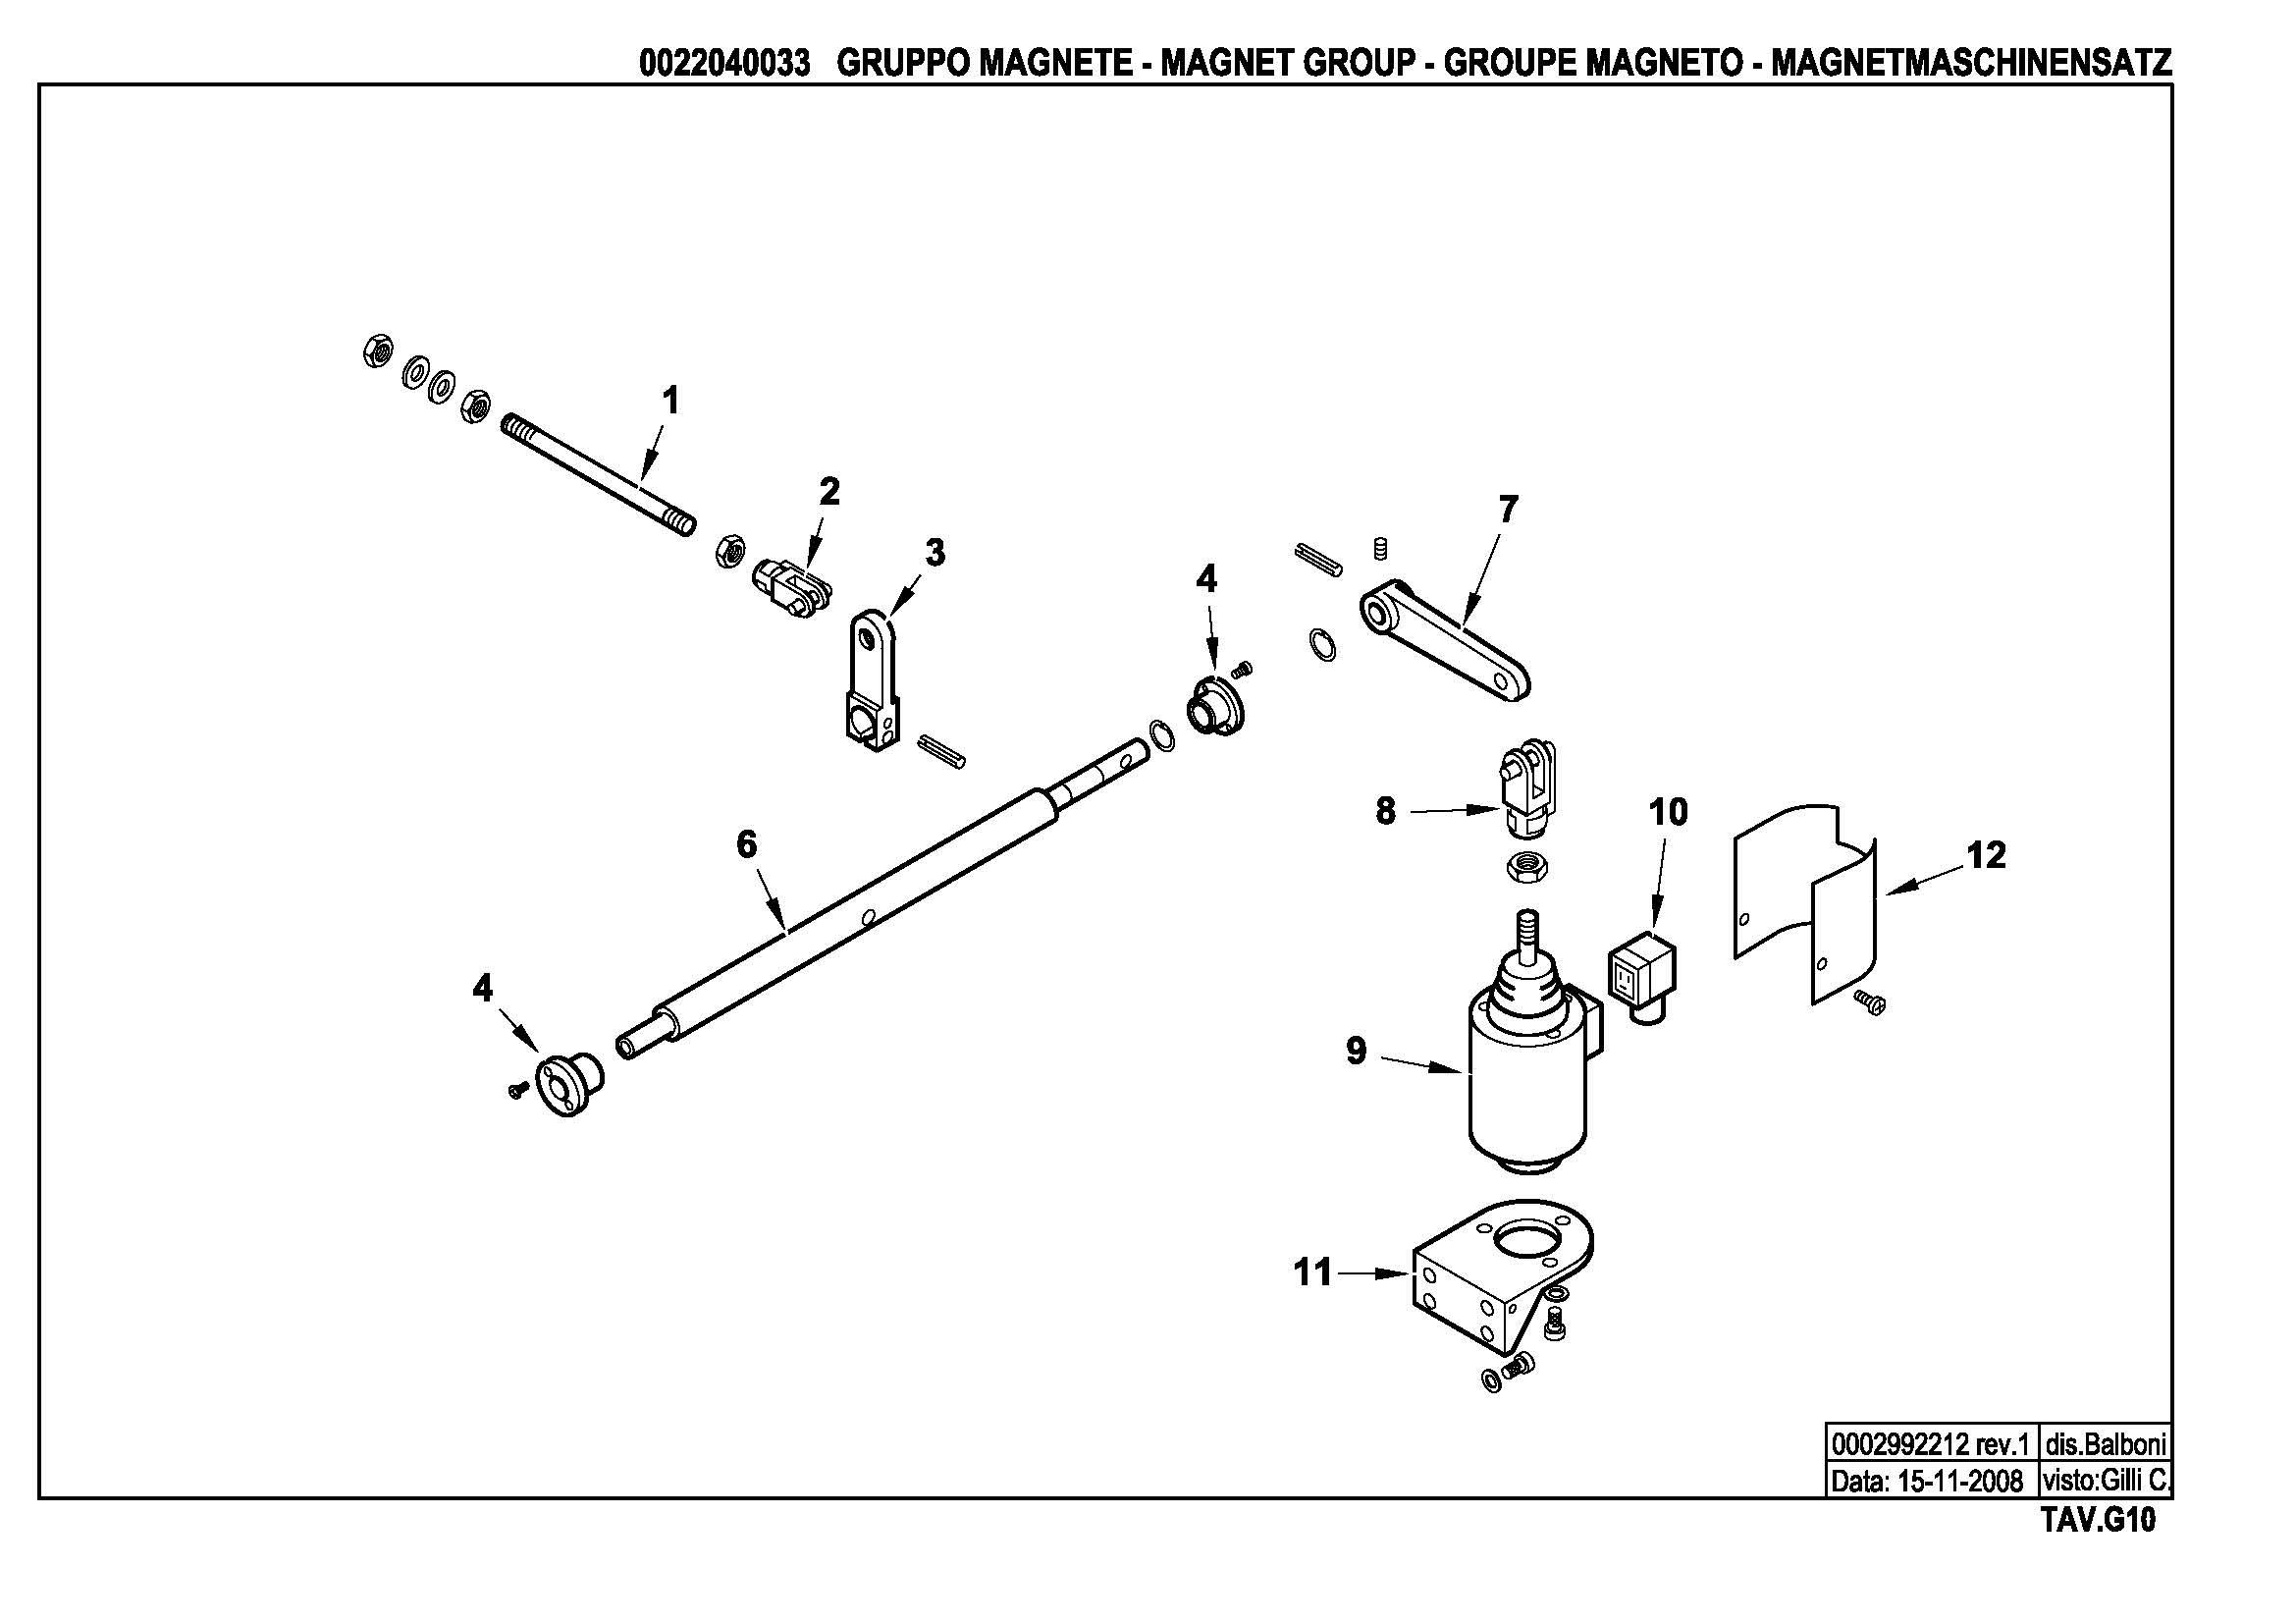 Электромагнитный привод узла распыливания G10 22040033 1 20081115